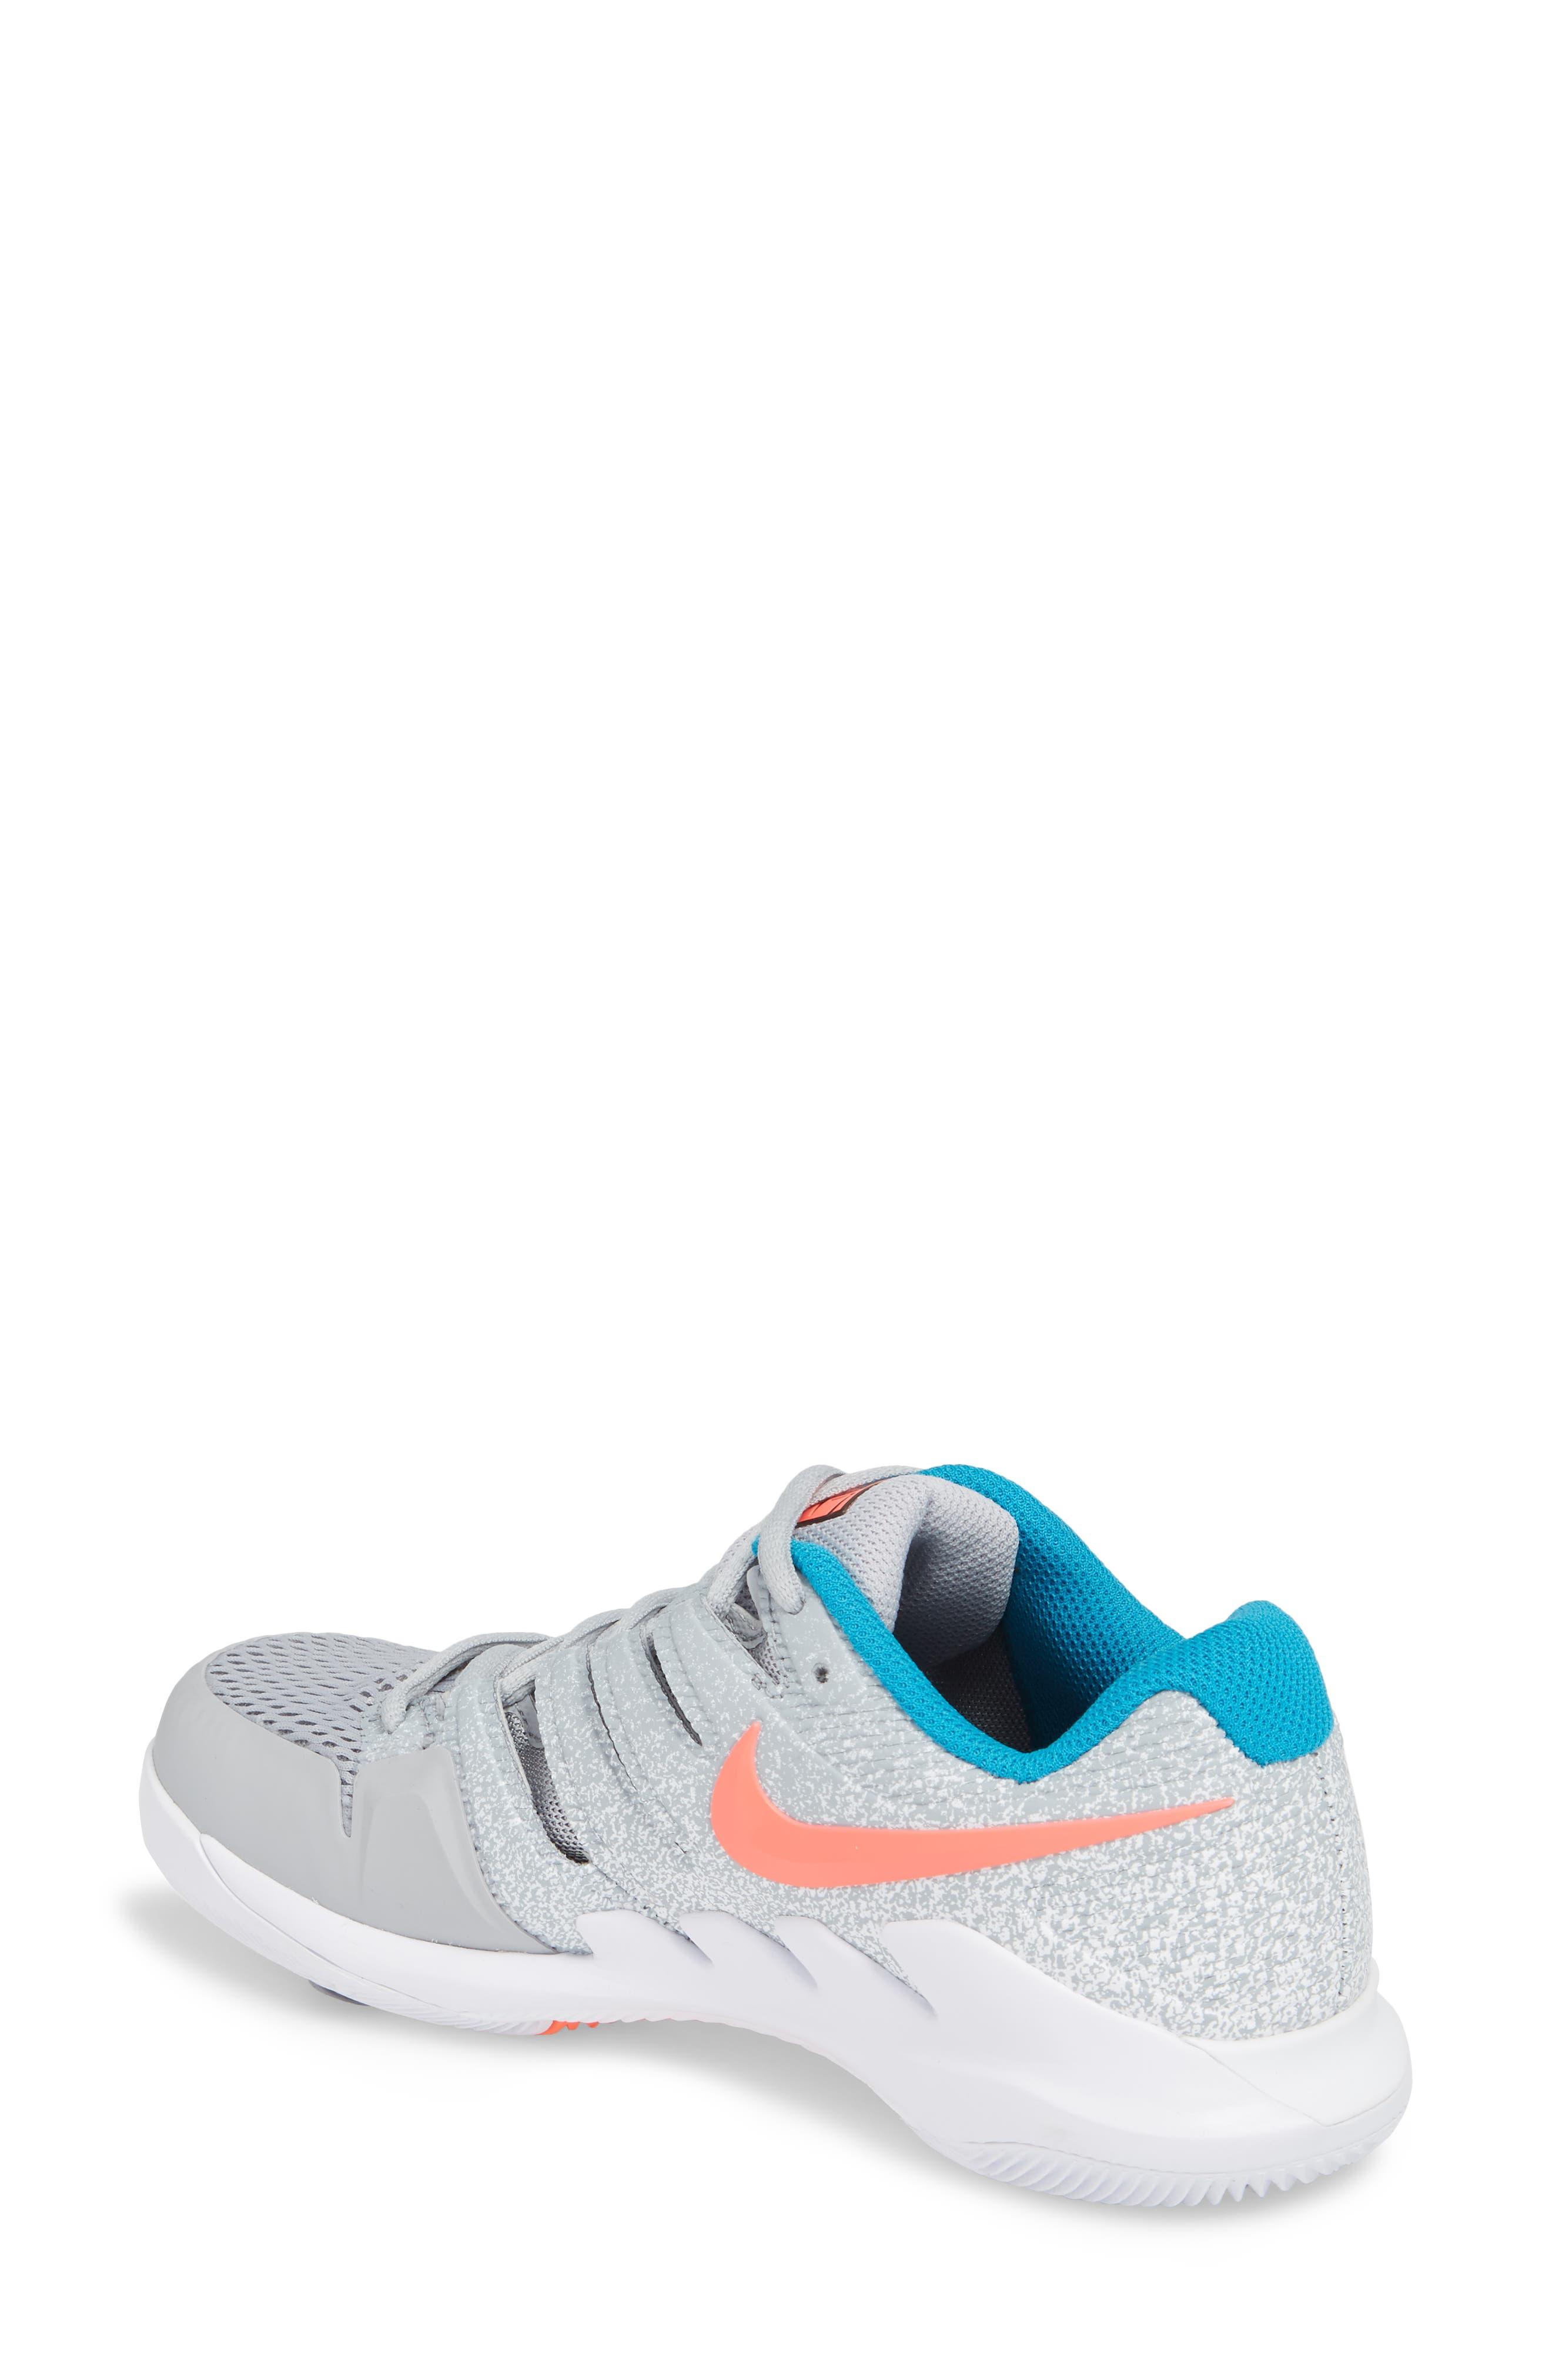 Air Zoom Vapor X Tennis Shoe,                             Alternate thumbnail 4, color,